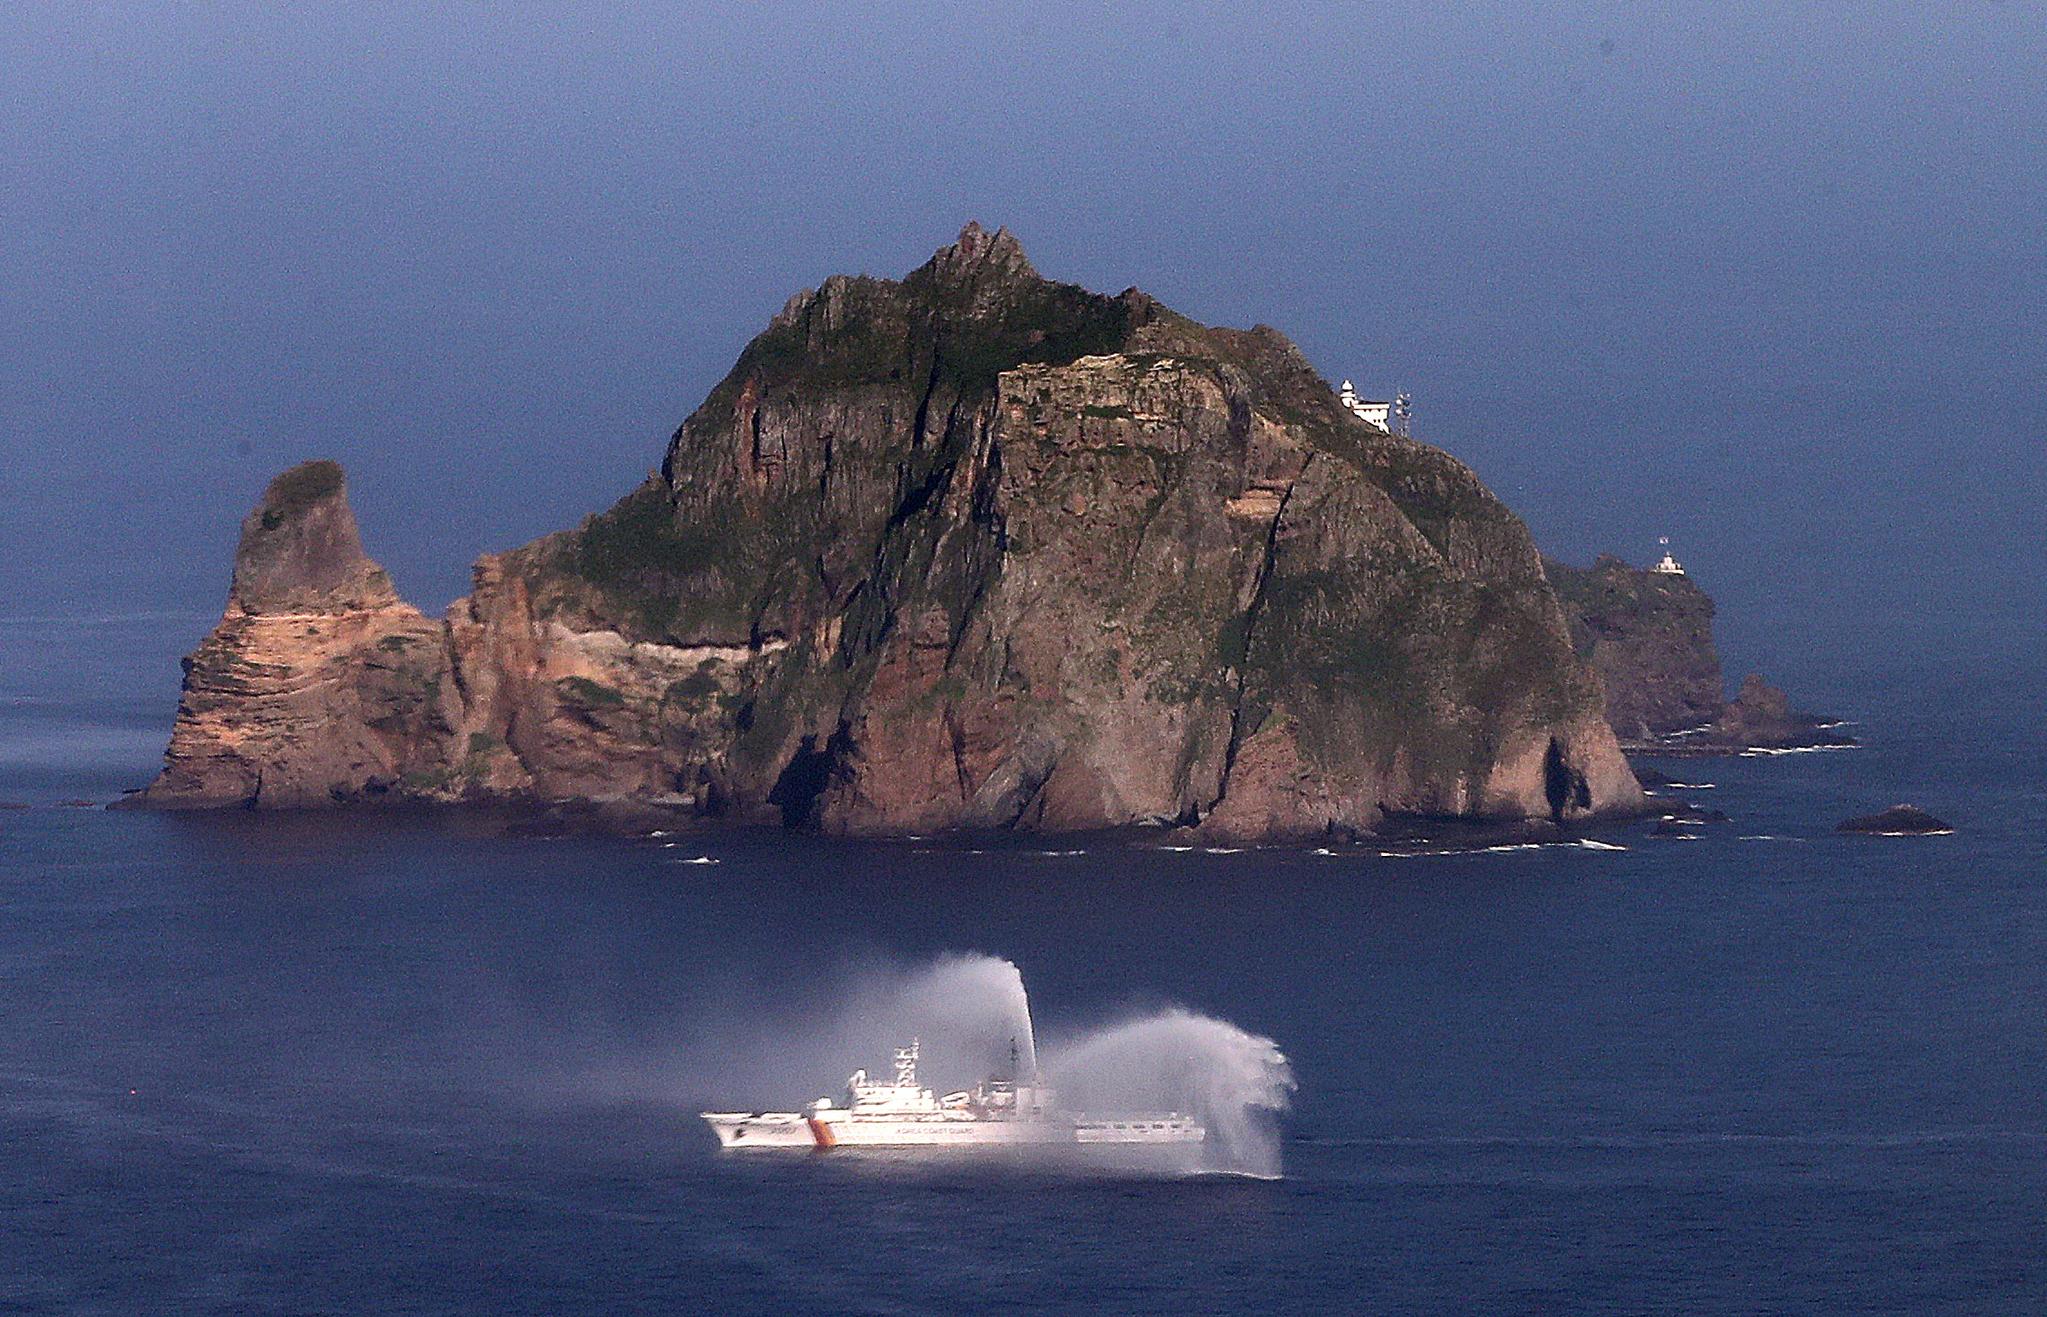 지난 13일 해양주권을 수호하기 위해 독도를 지키는 해양경찰 경비함정 3007함이 독도 근해에서 훈련을 하고 있다. [뉴스1]